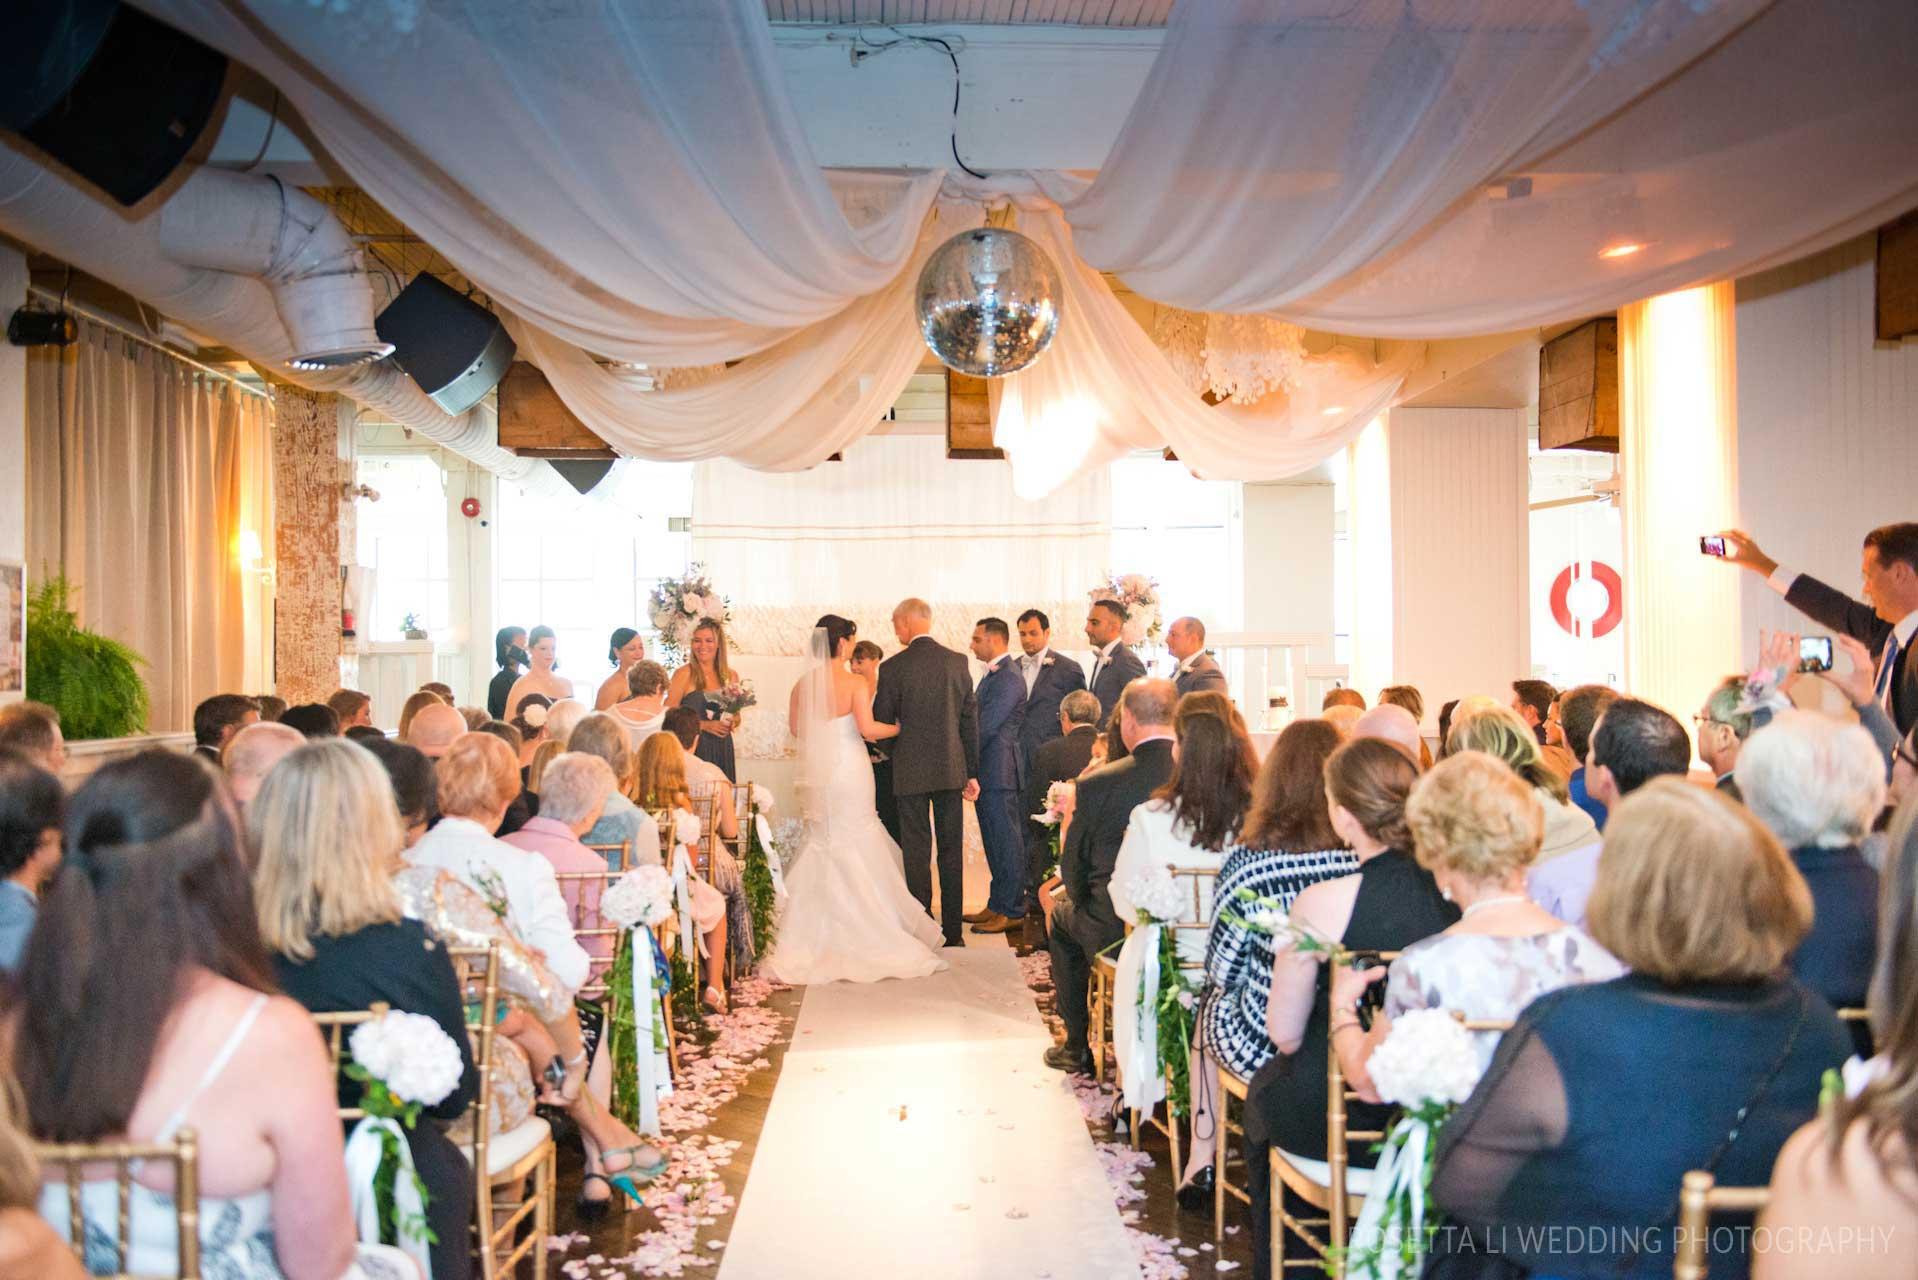 Unique Wedding Venues Toronto - Wedding Ceremony